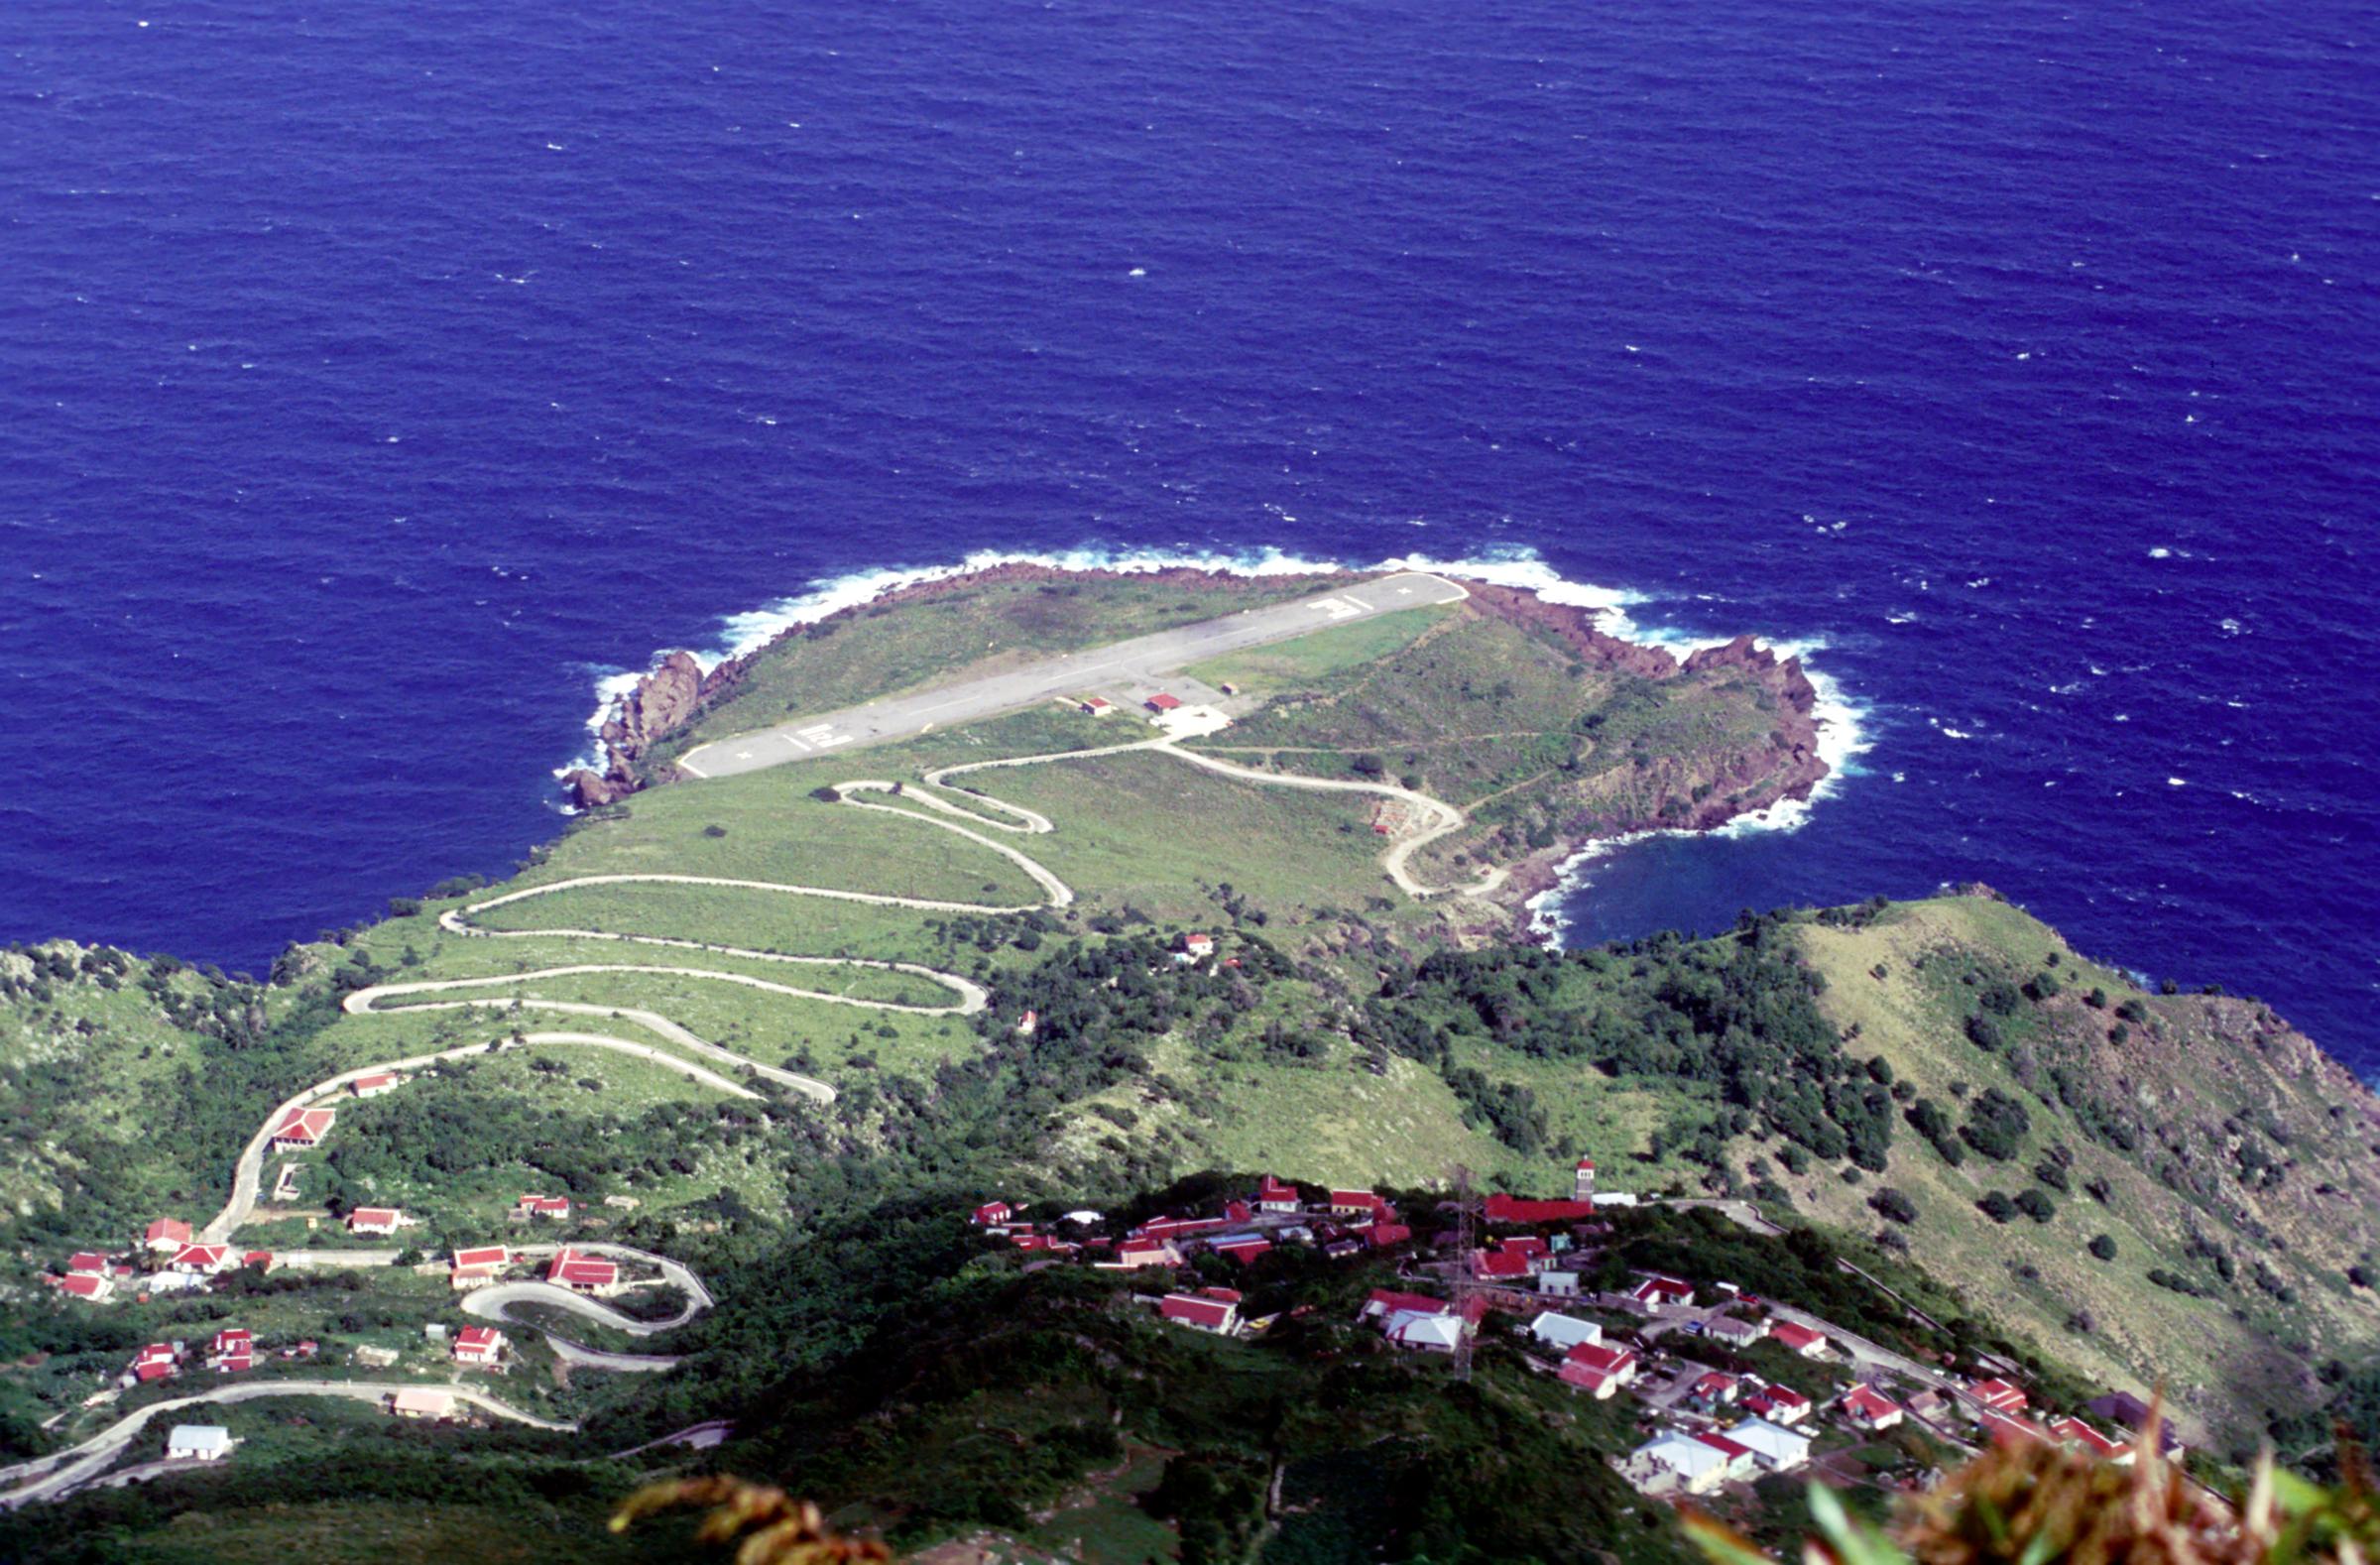 6. Aéroport Juancho E. Yrausquin, Saba